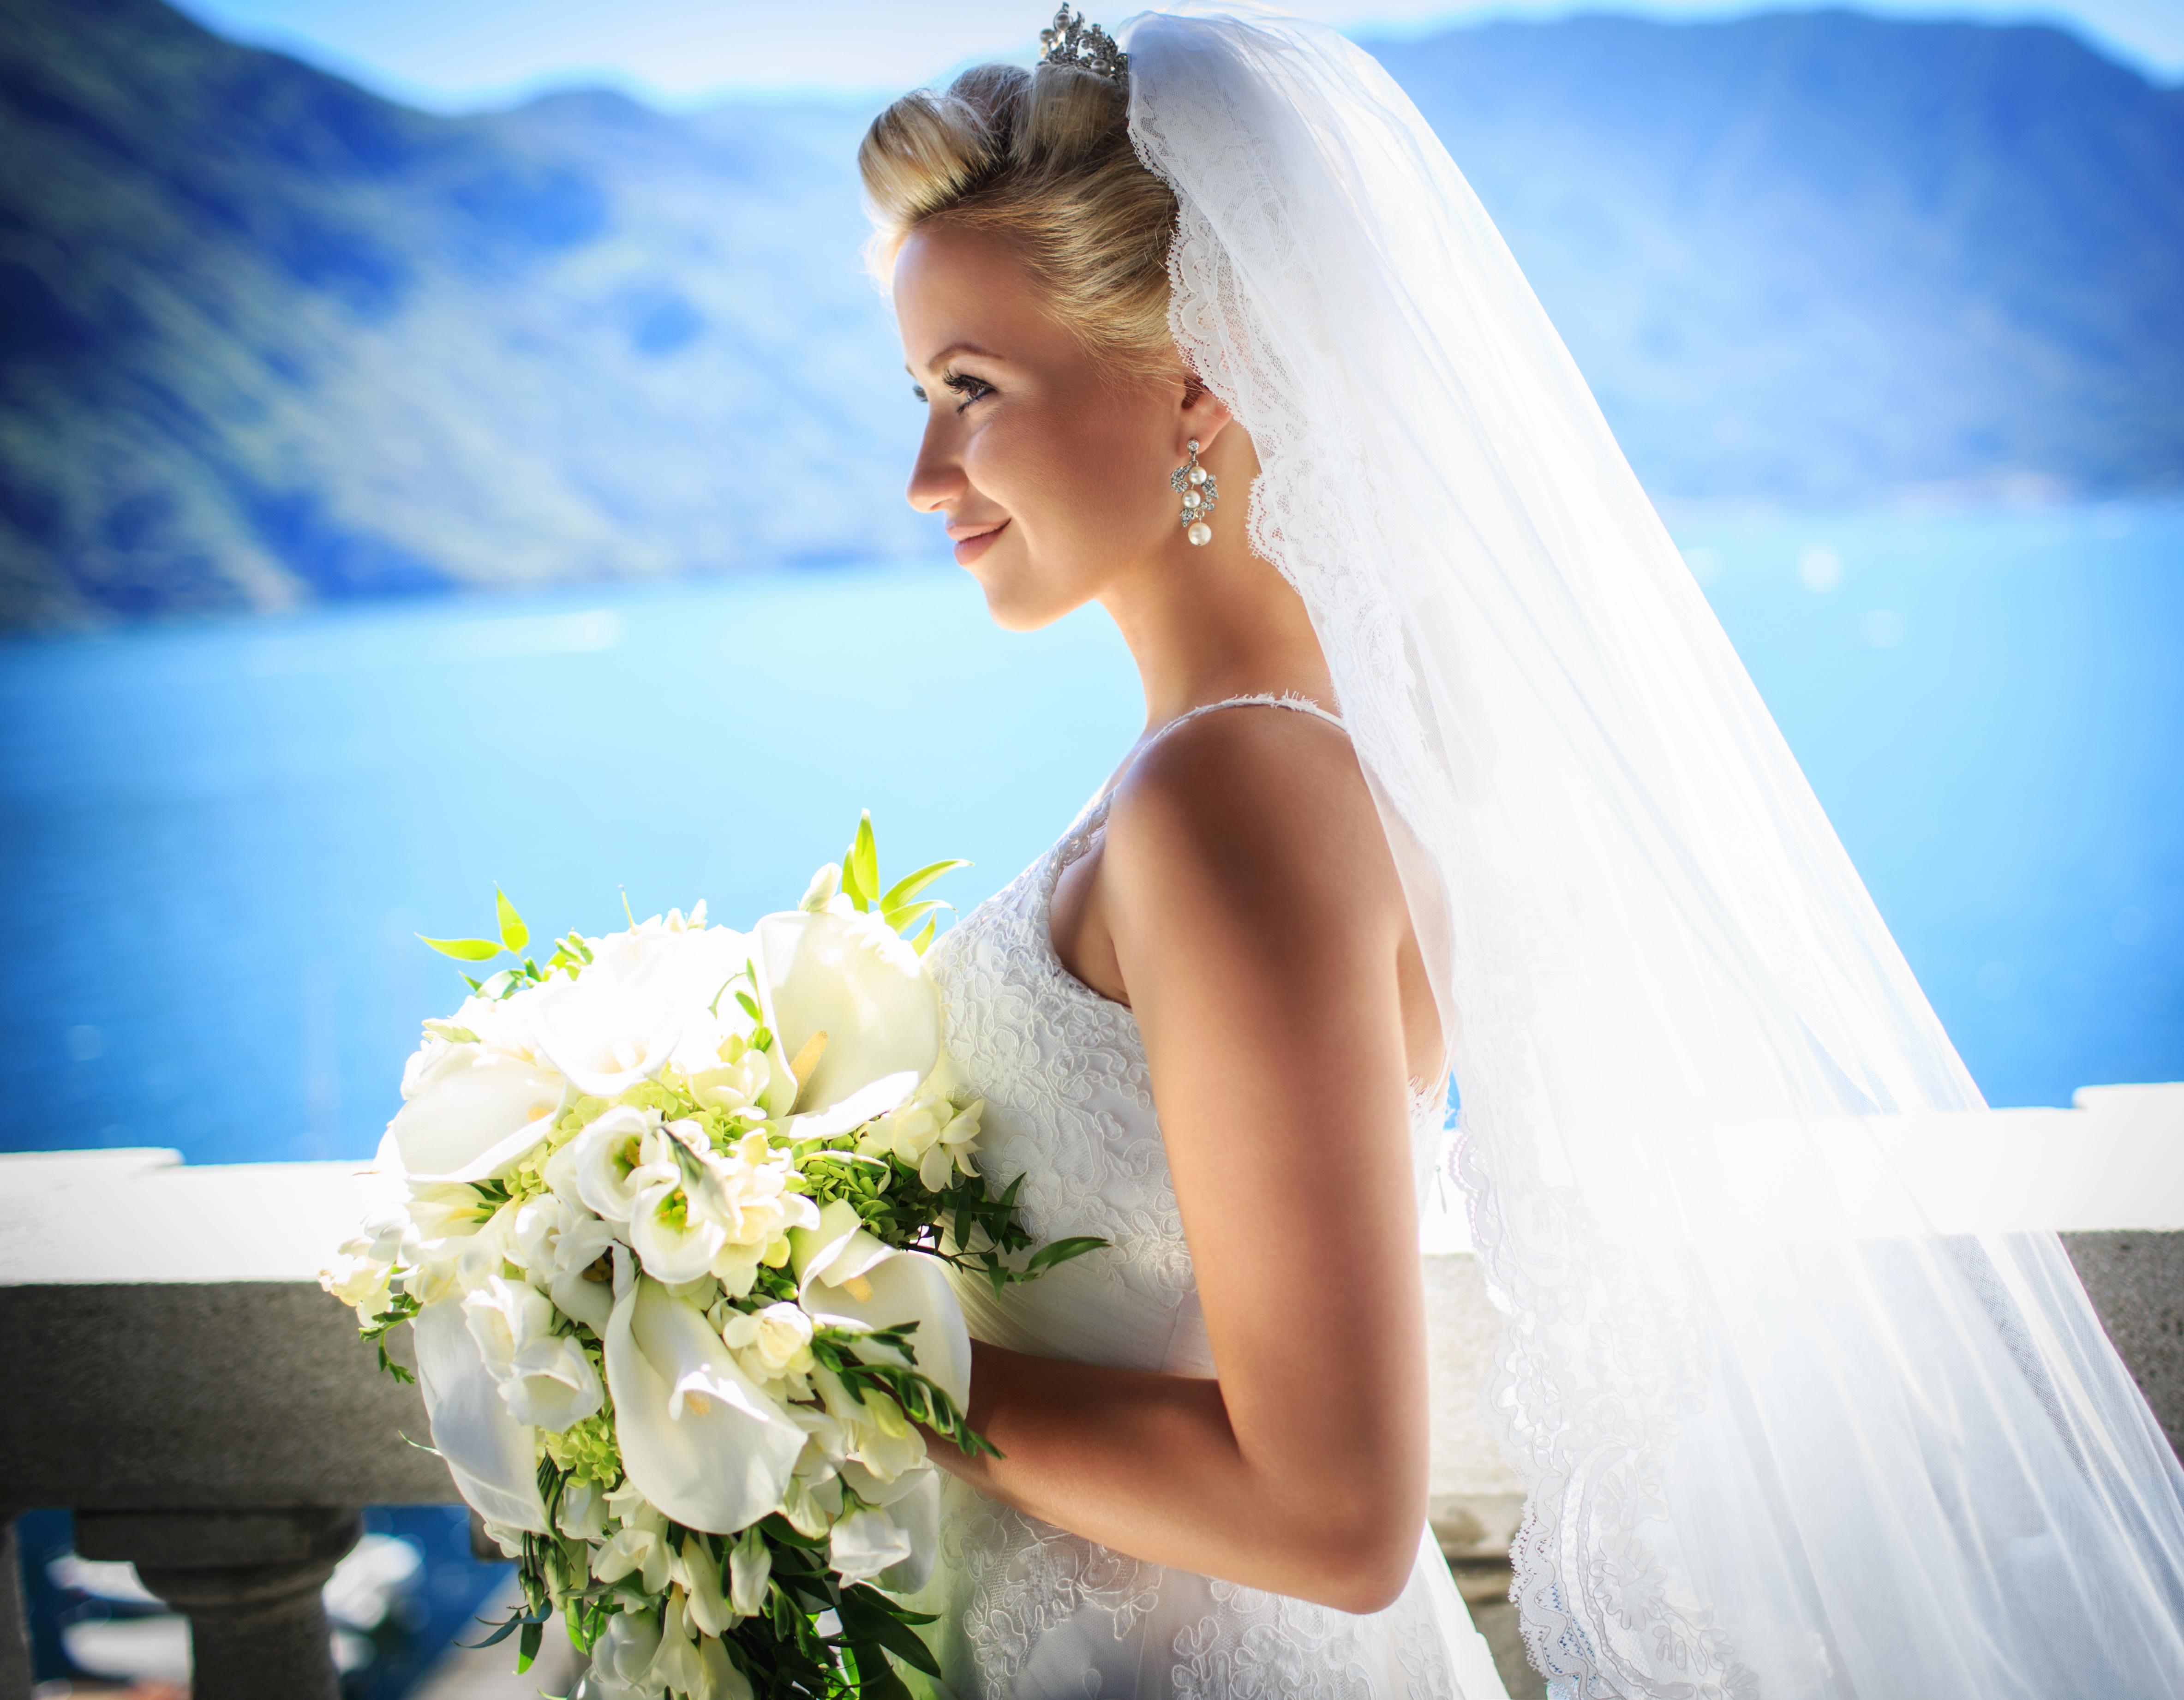 Красивые блондинки в свадебном платье